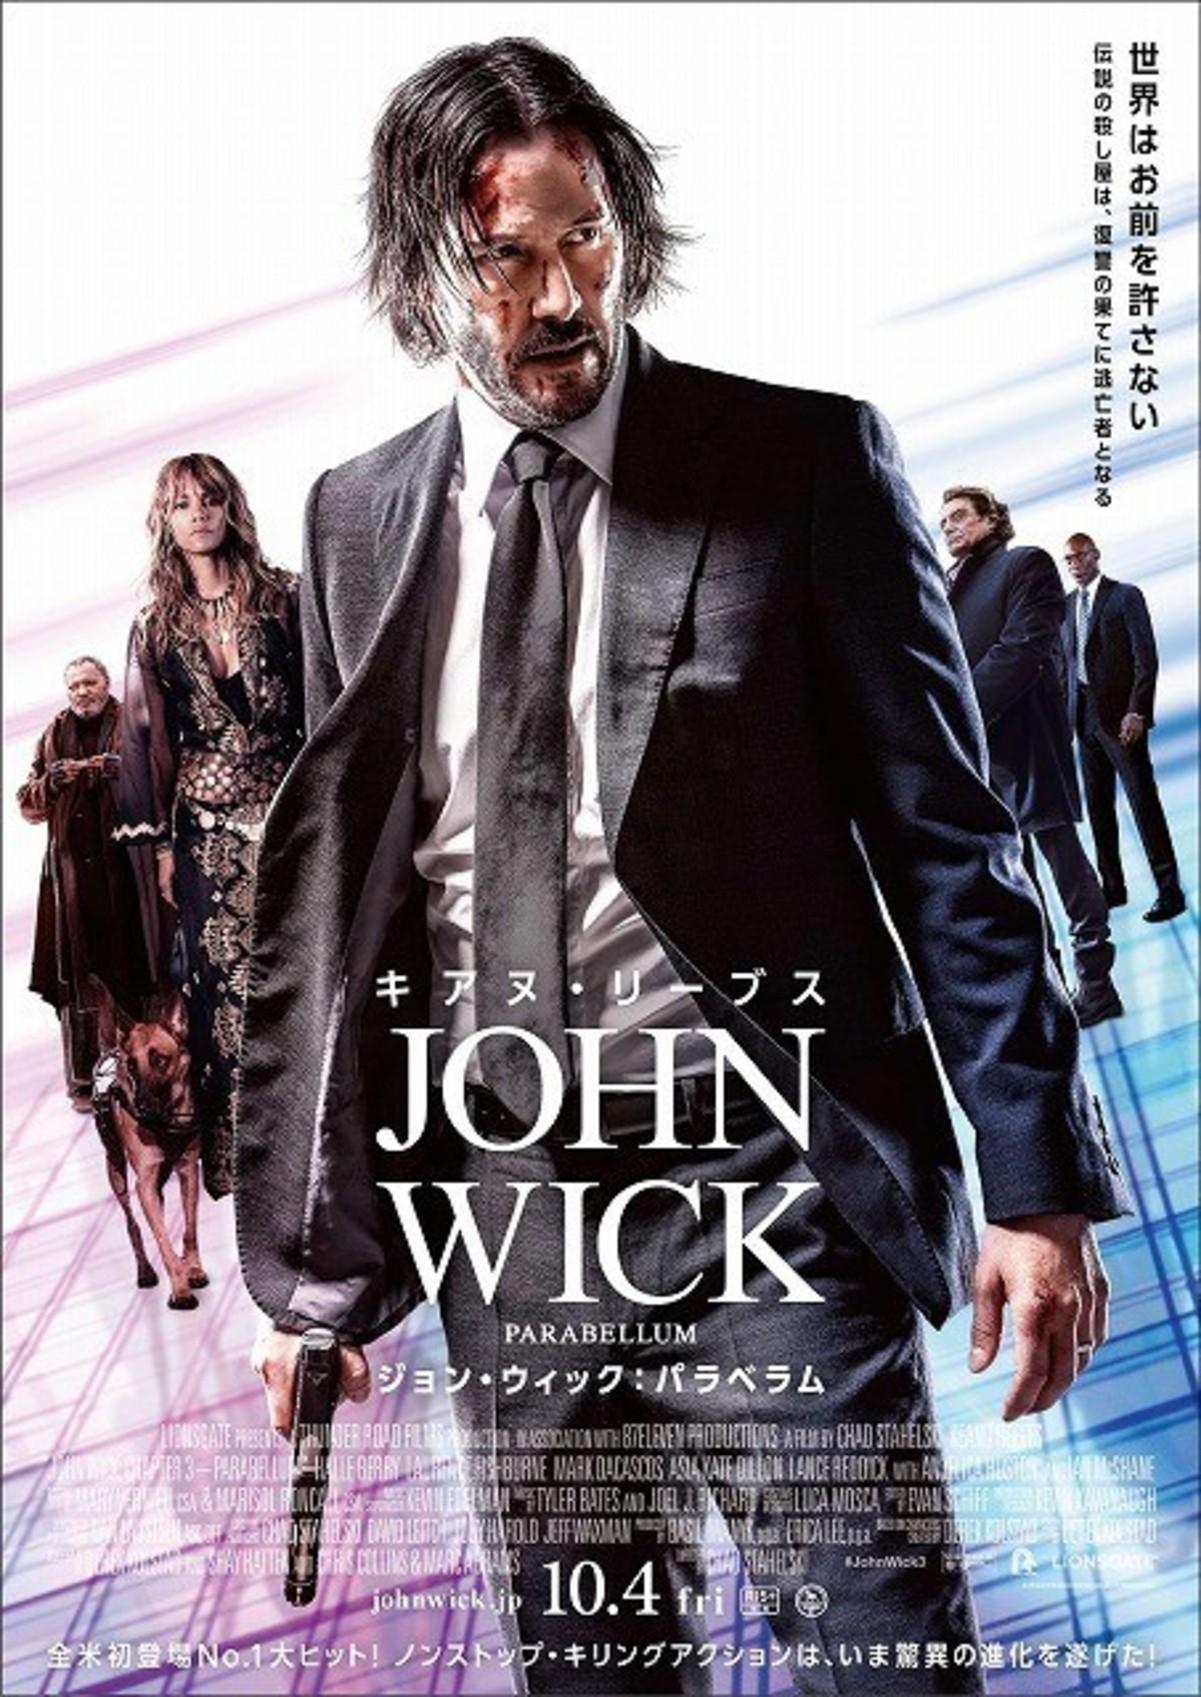 ジョン ウィック 3 日本 公開